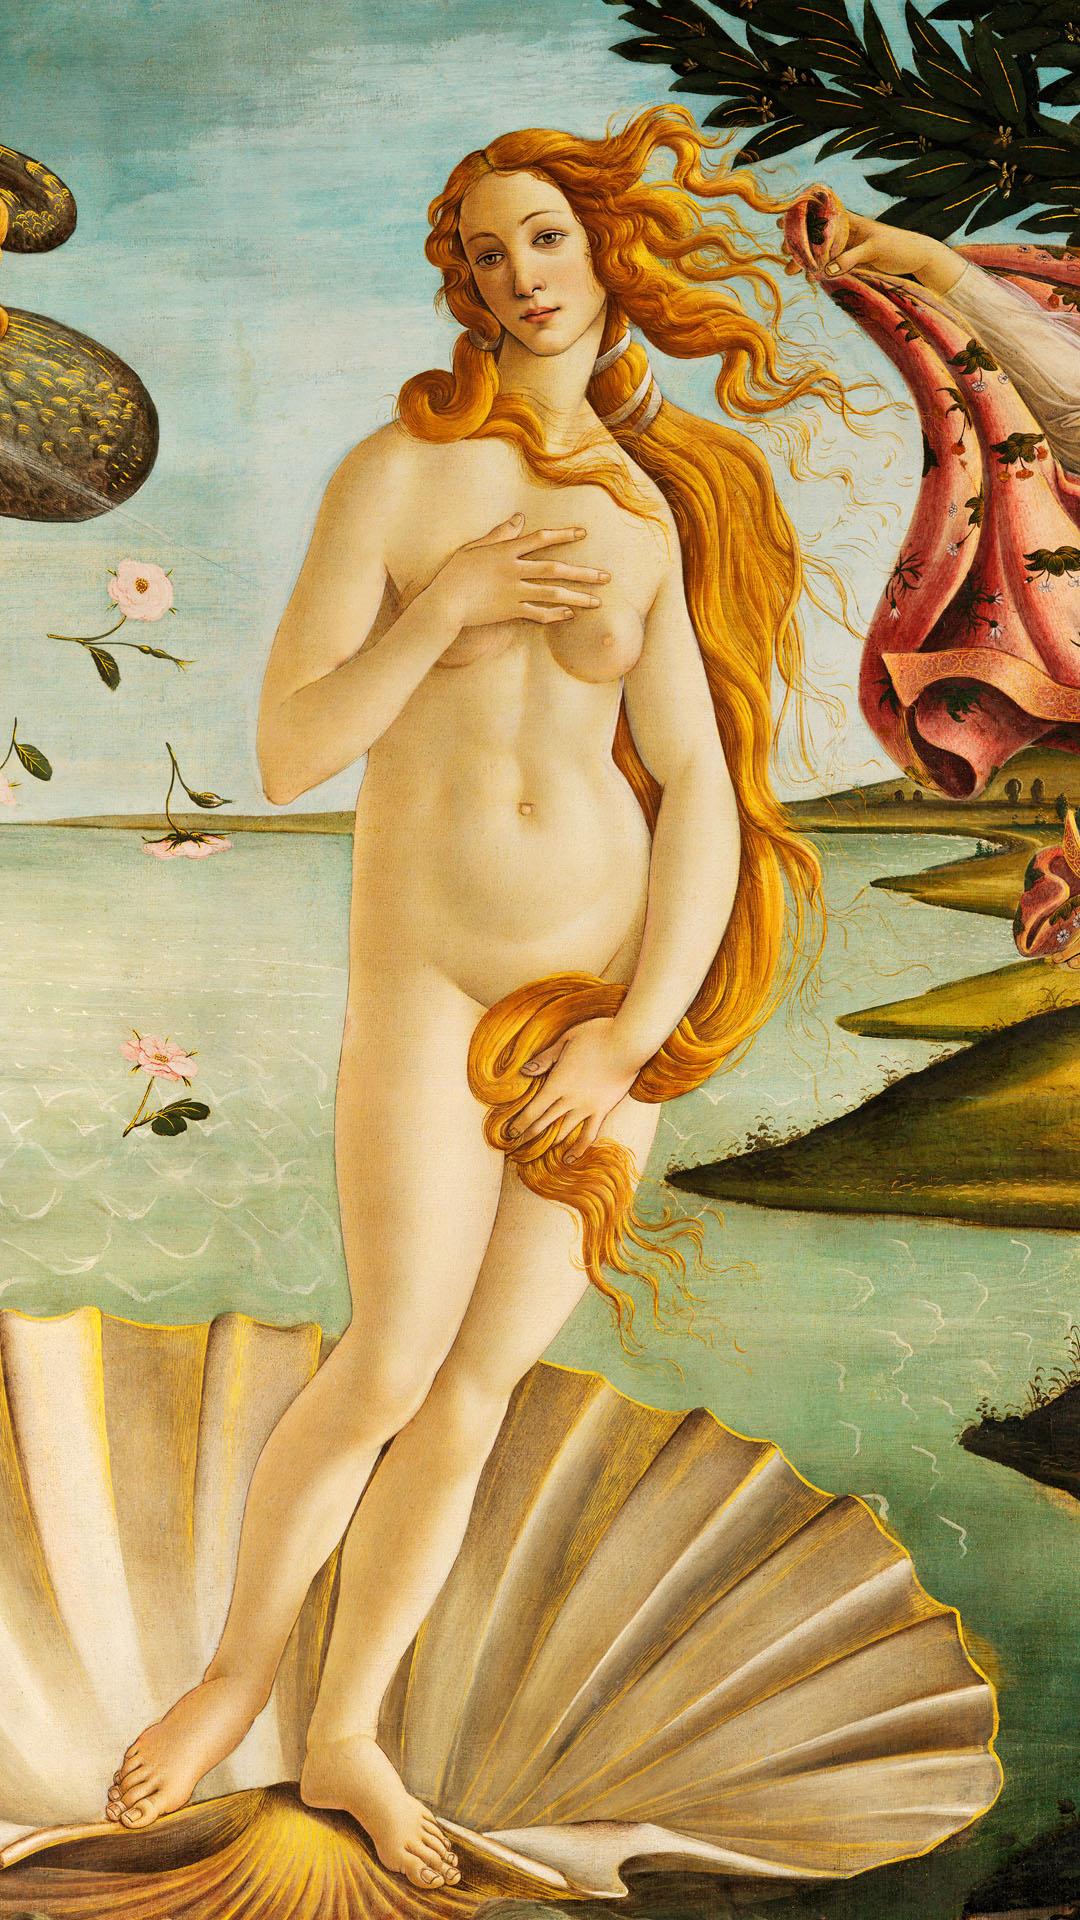 Sandro Botticelli - La nascita di Venere 1080x1920 2